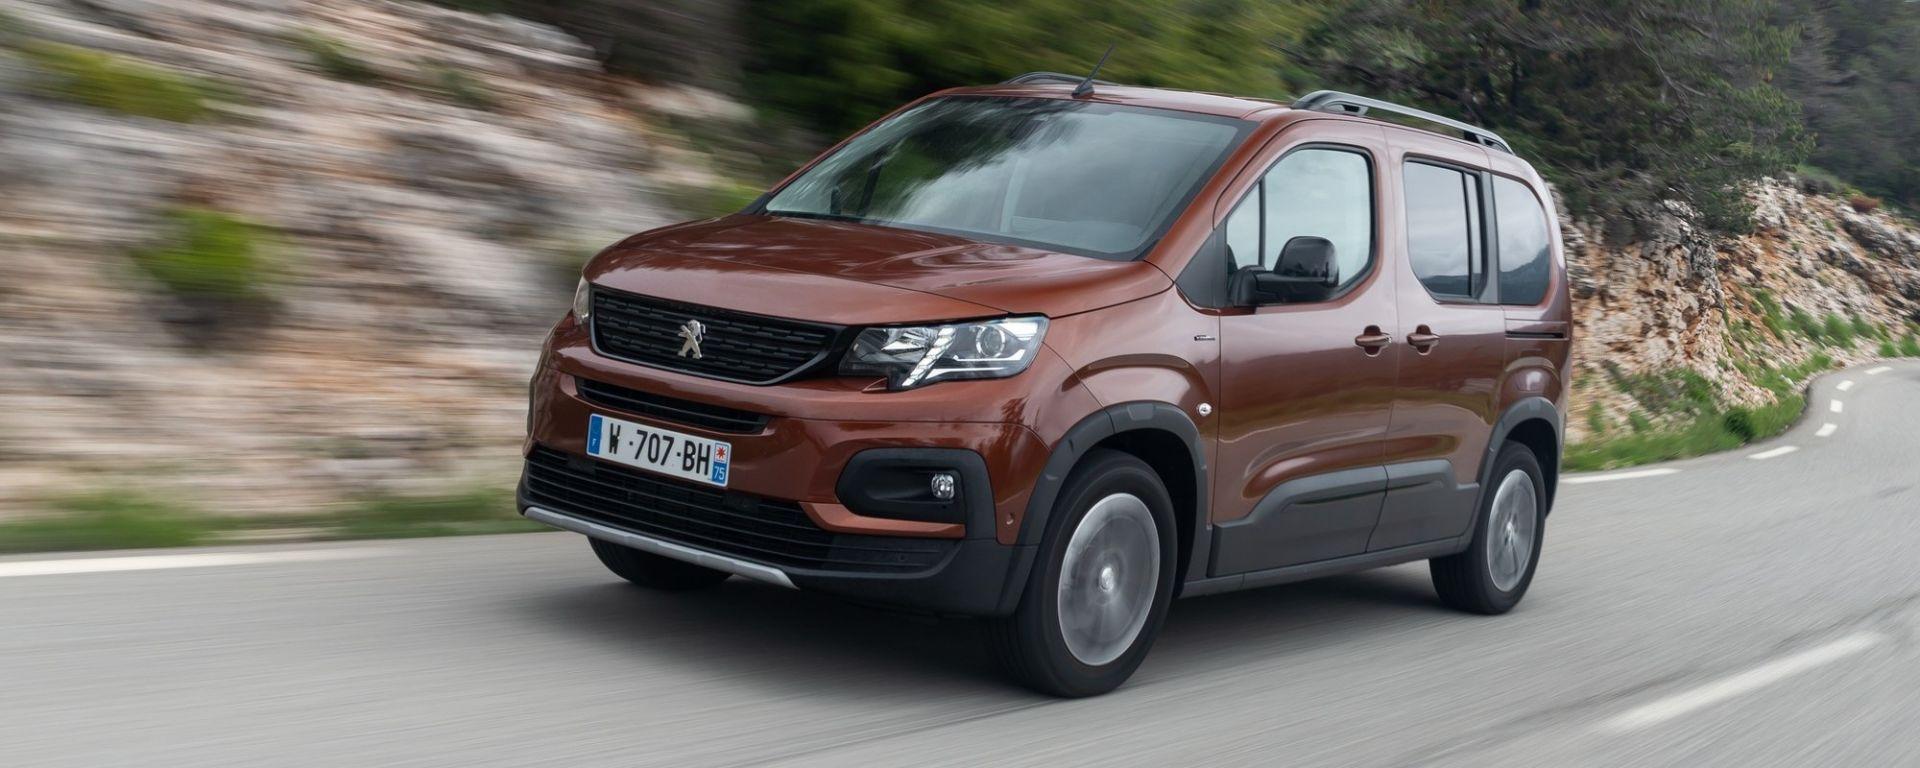 Peugeot Rifter 1.5 diesel: qualità è spazio... Van d'accordo